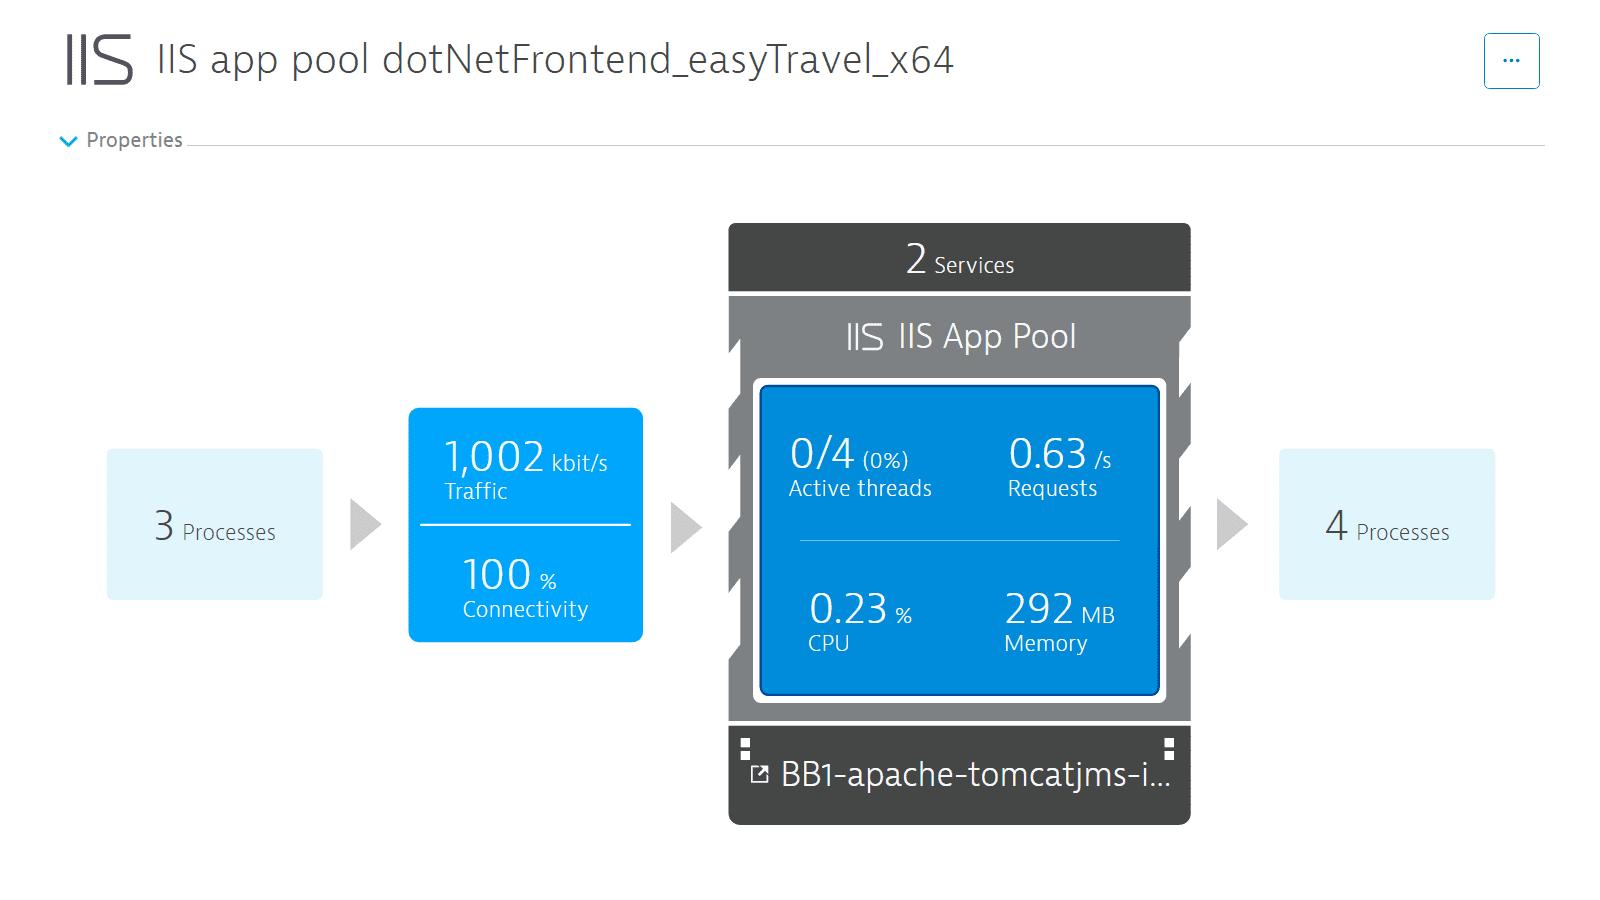 IIS metrics overview